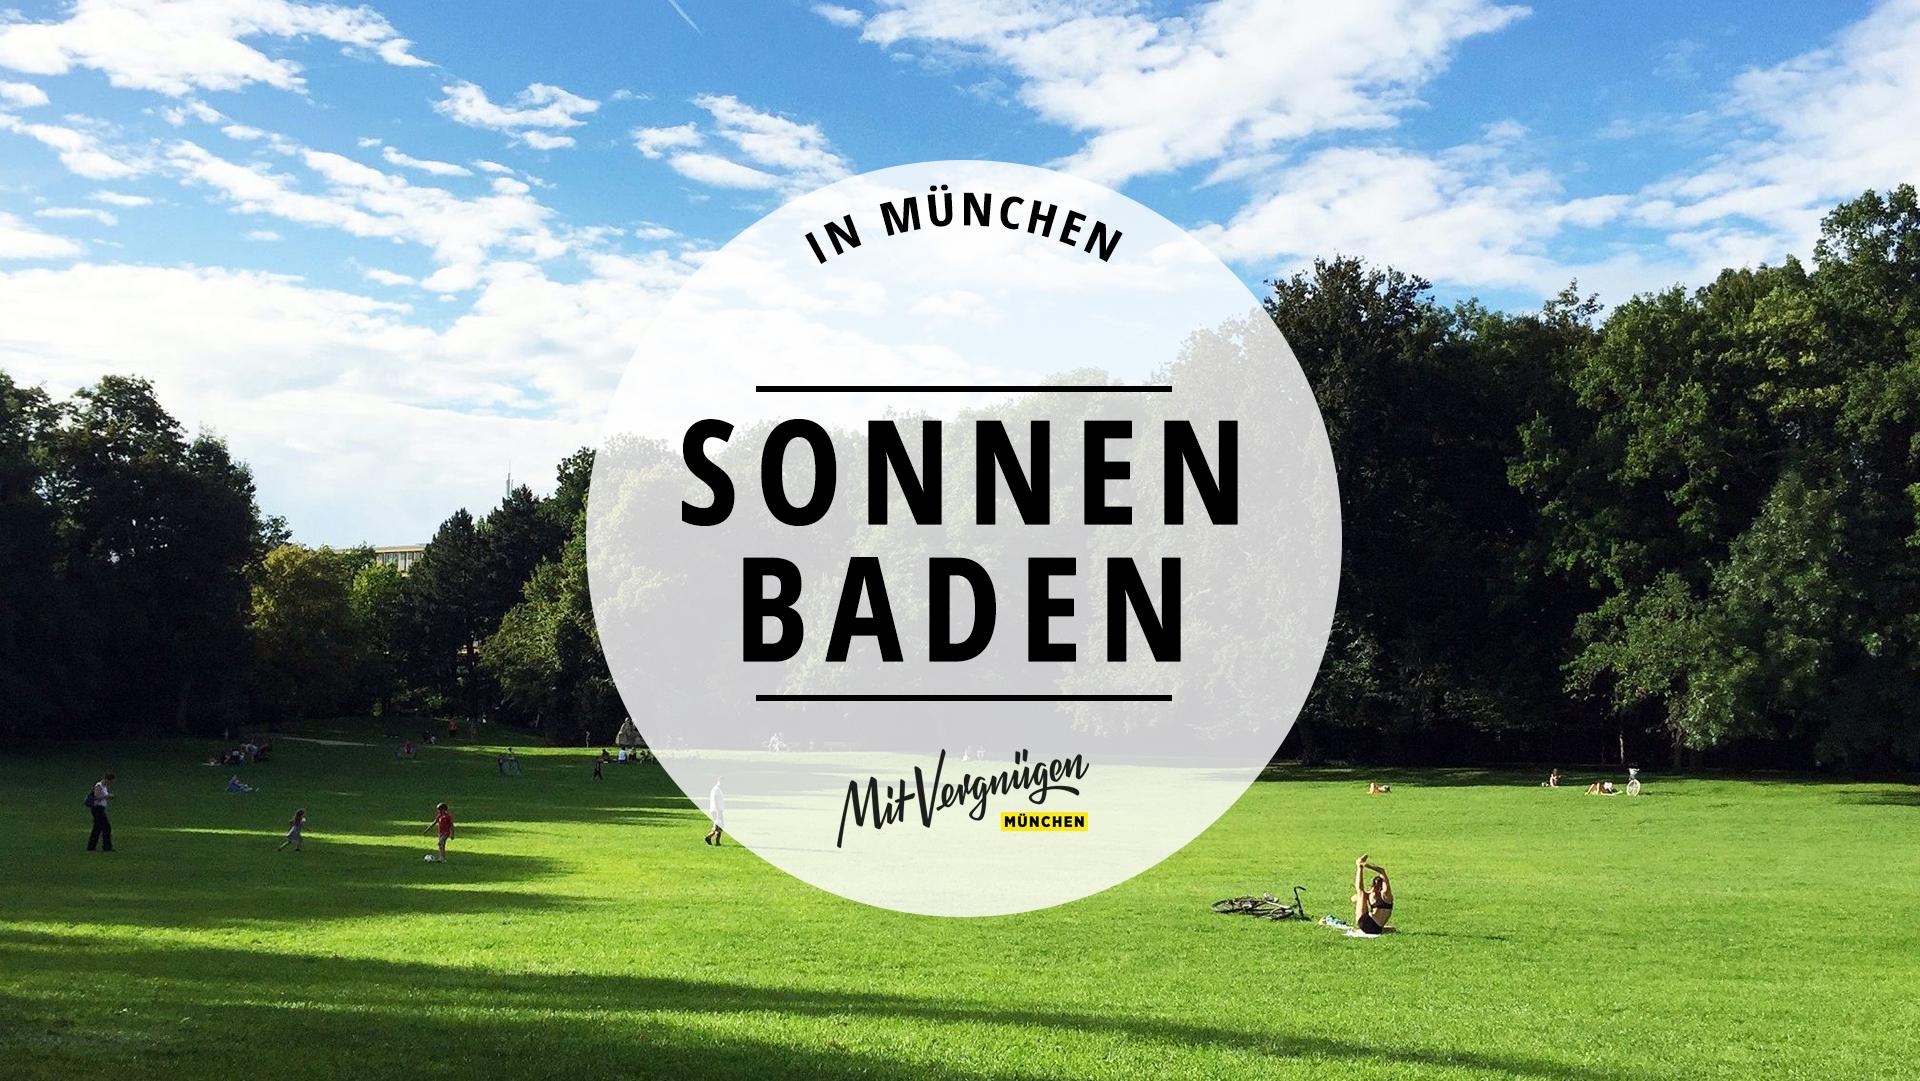 11 schöne Orte in München, an denen ihr euch sonnen könnt